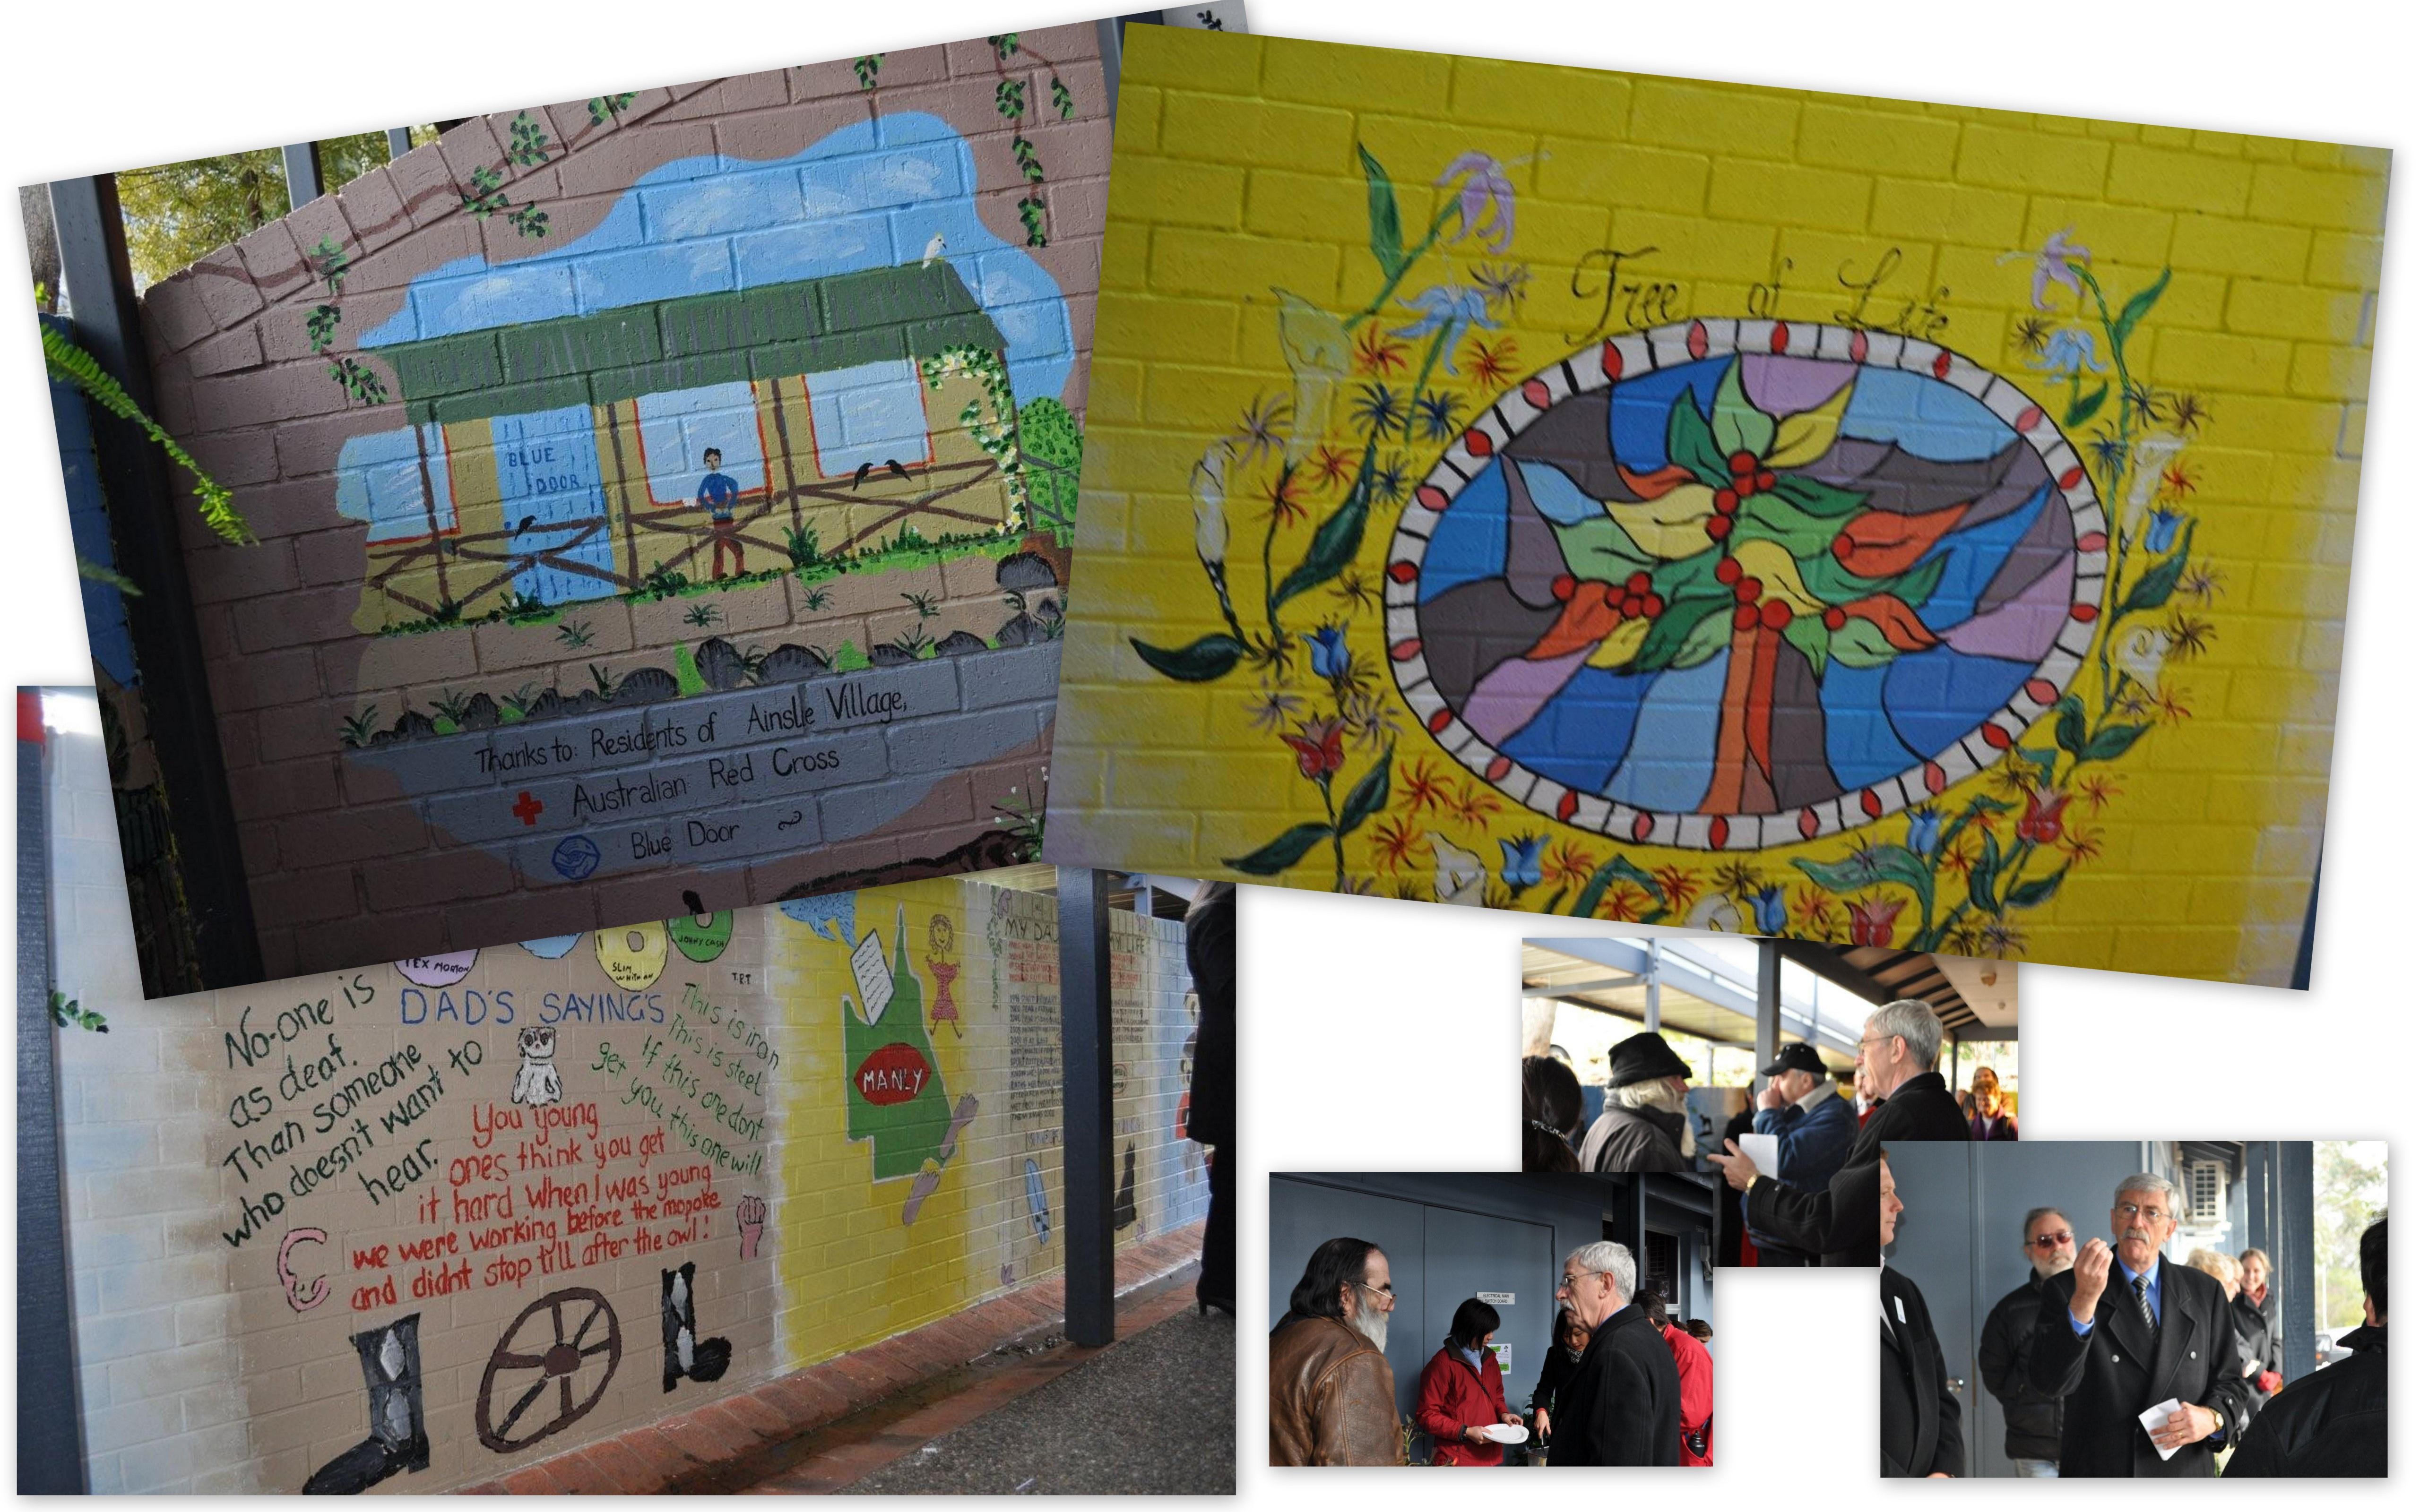 Ainslie Village Mural